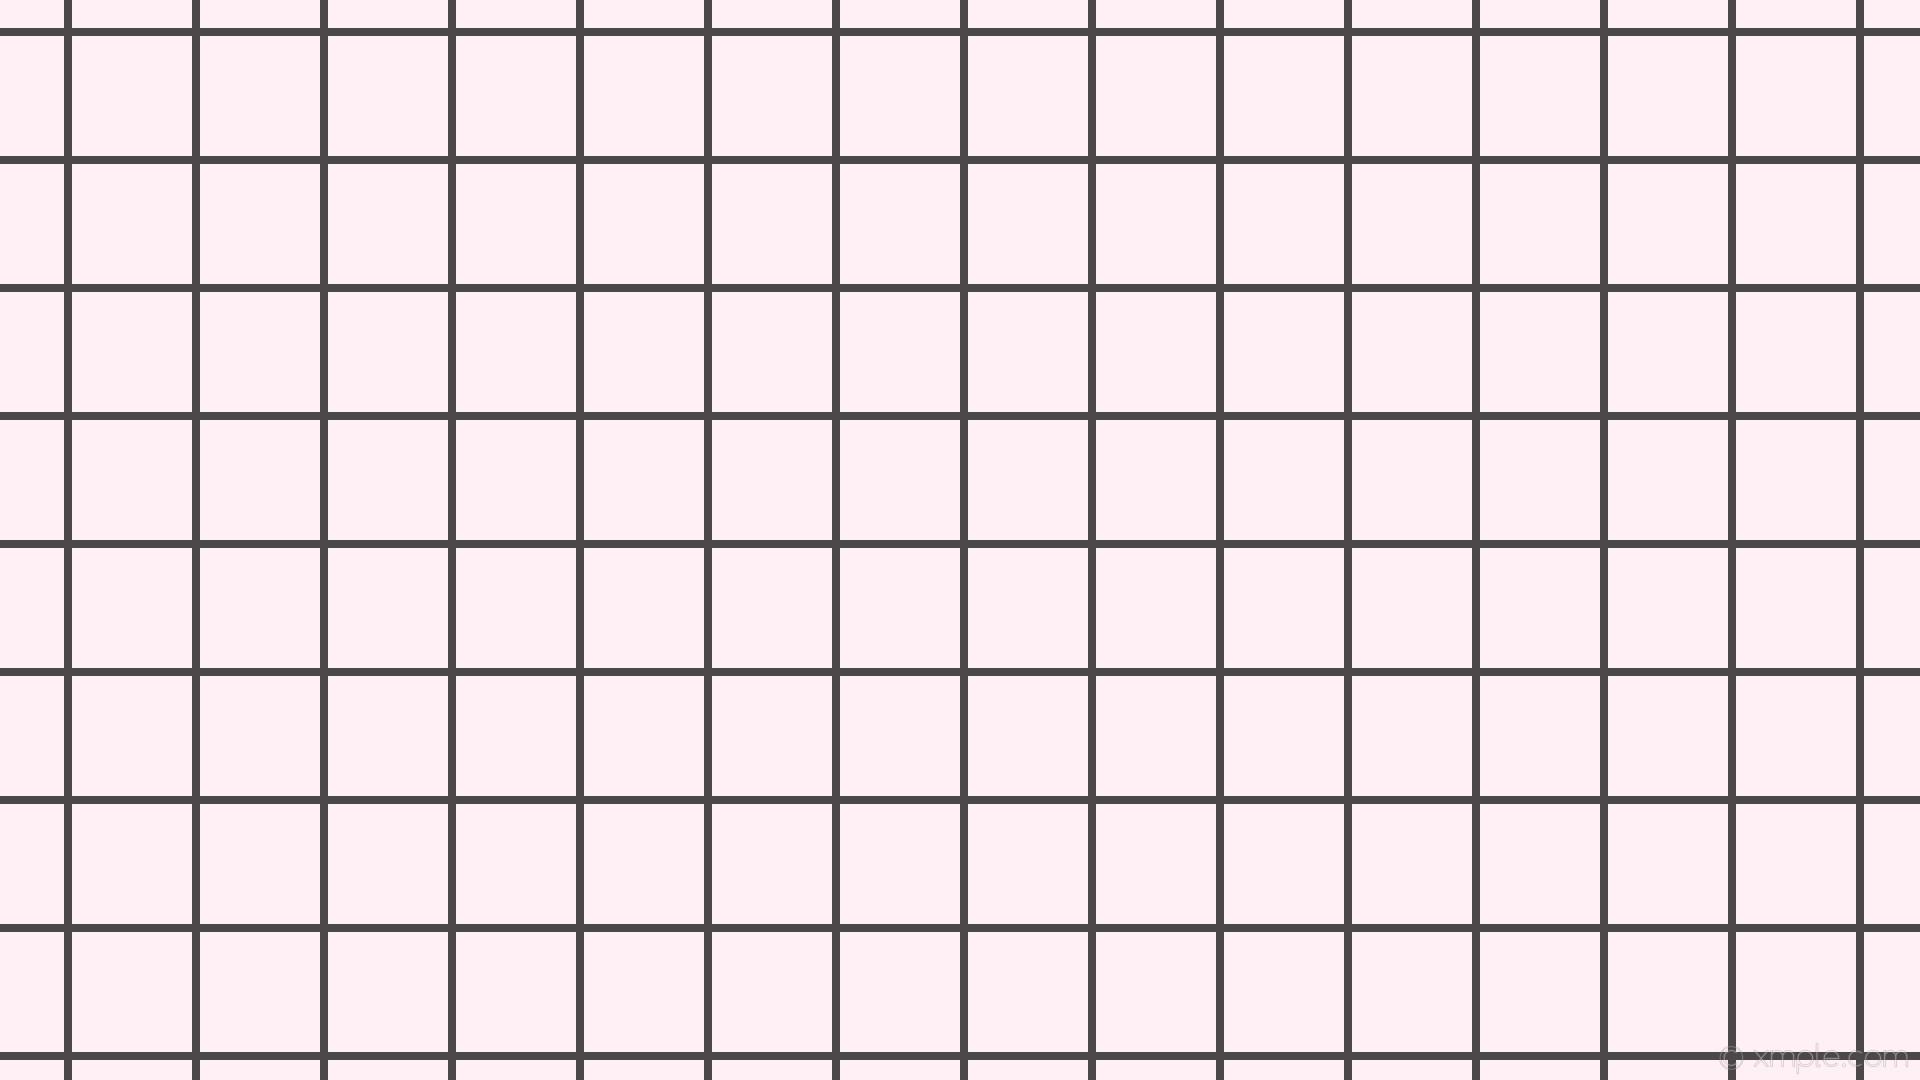 wallpaper white black graph paper grid lavender blush #fff0f5 #000000 0°  8px 128px